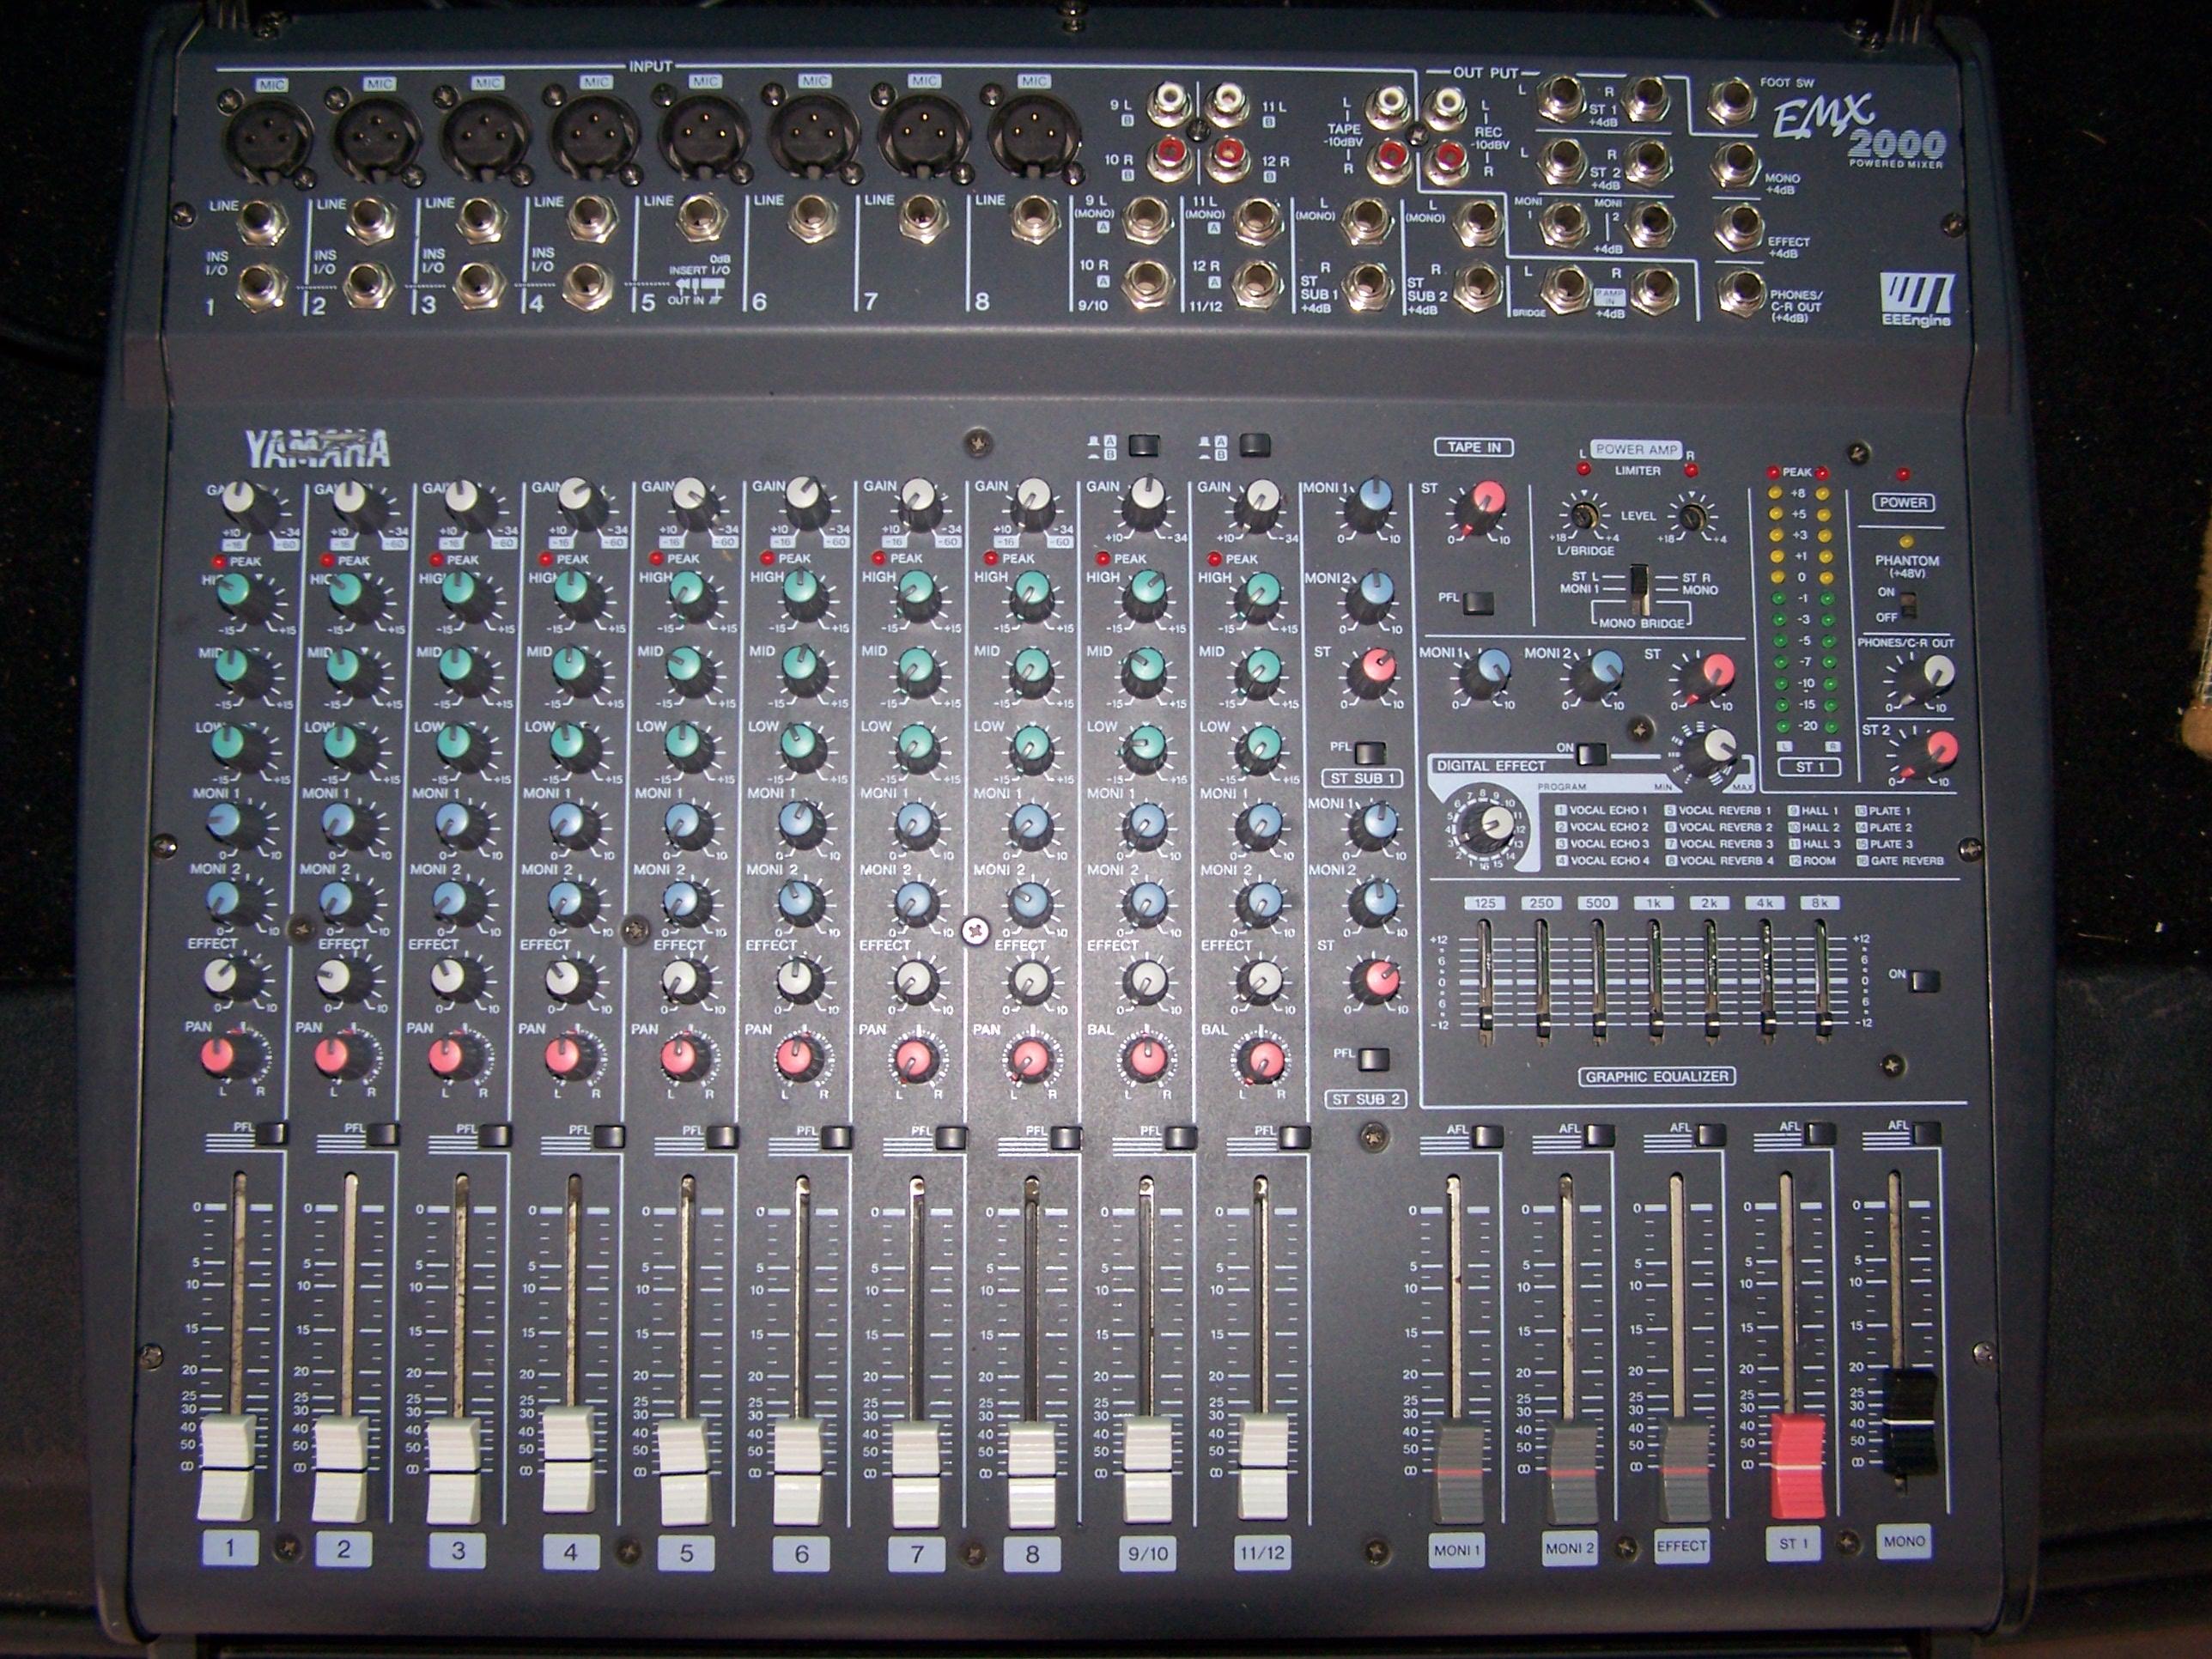 yamaha emx2000 image 354147 audiofanzine